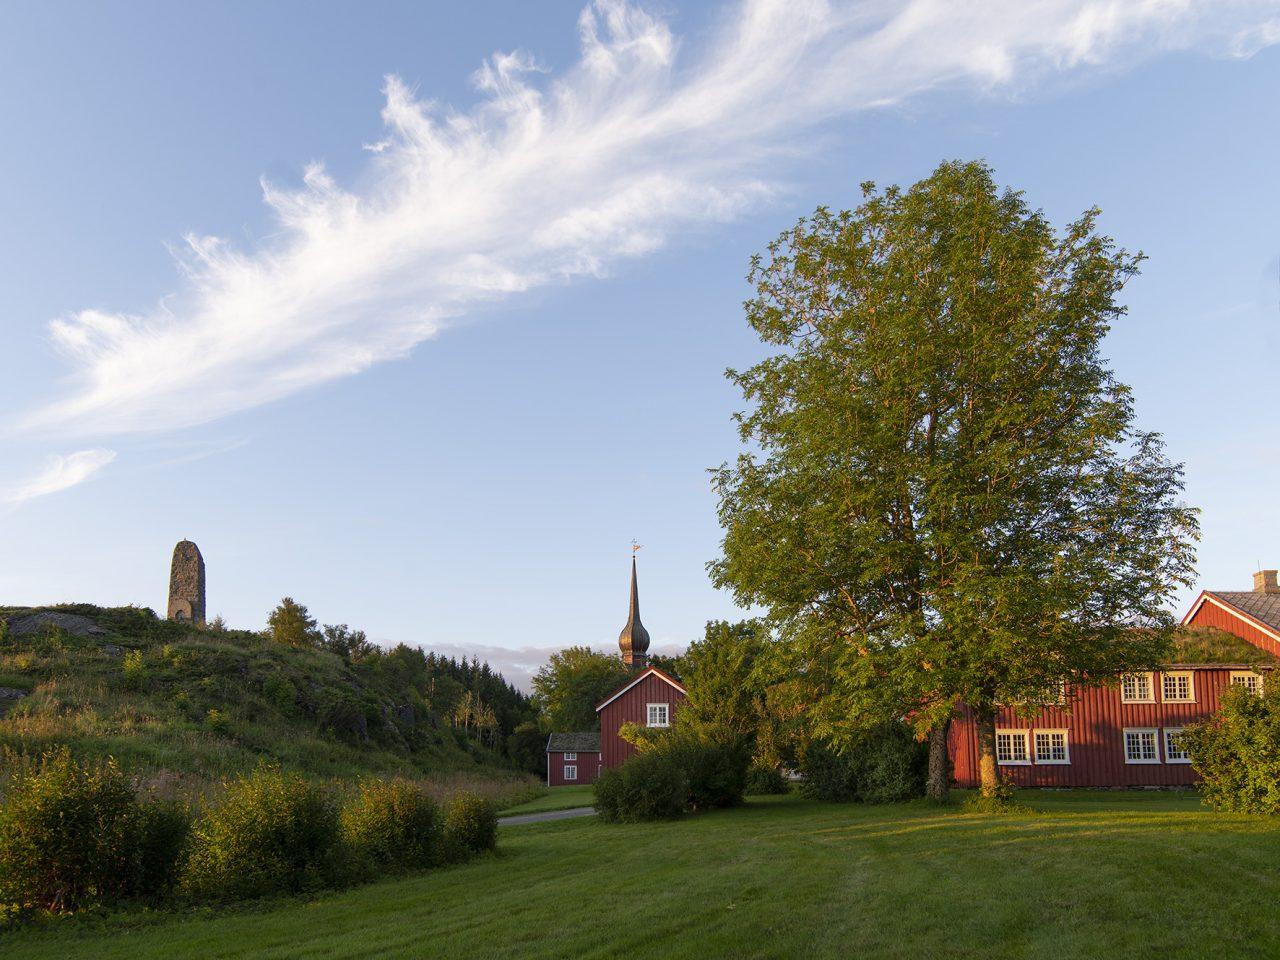 Petter Dass, tunet, bauta og kirke